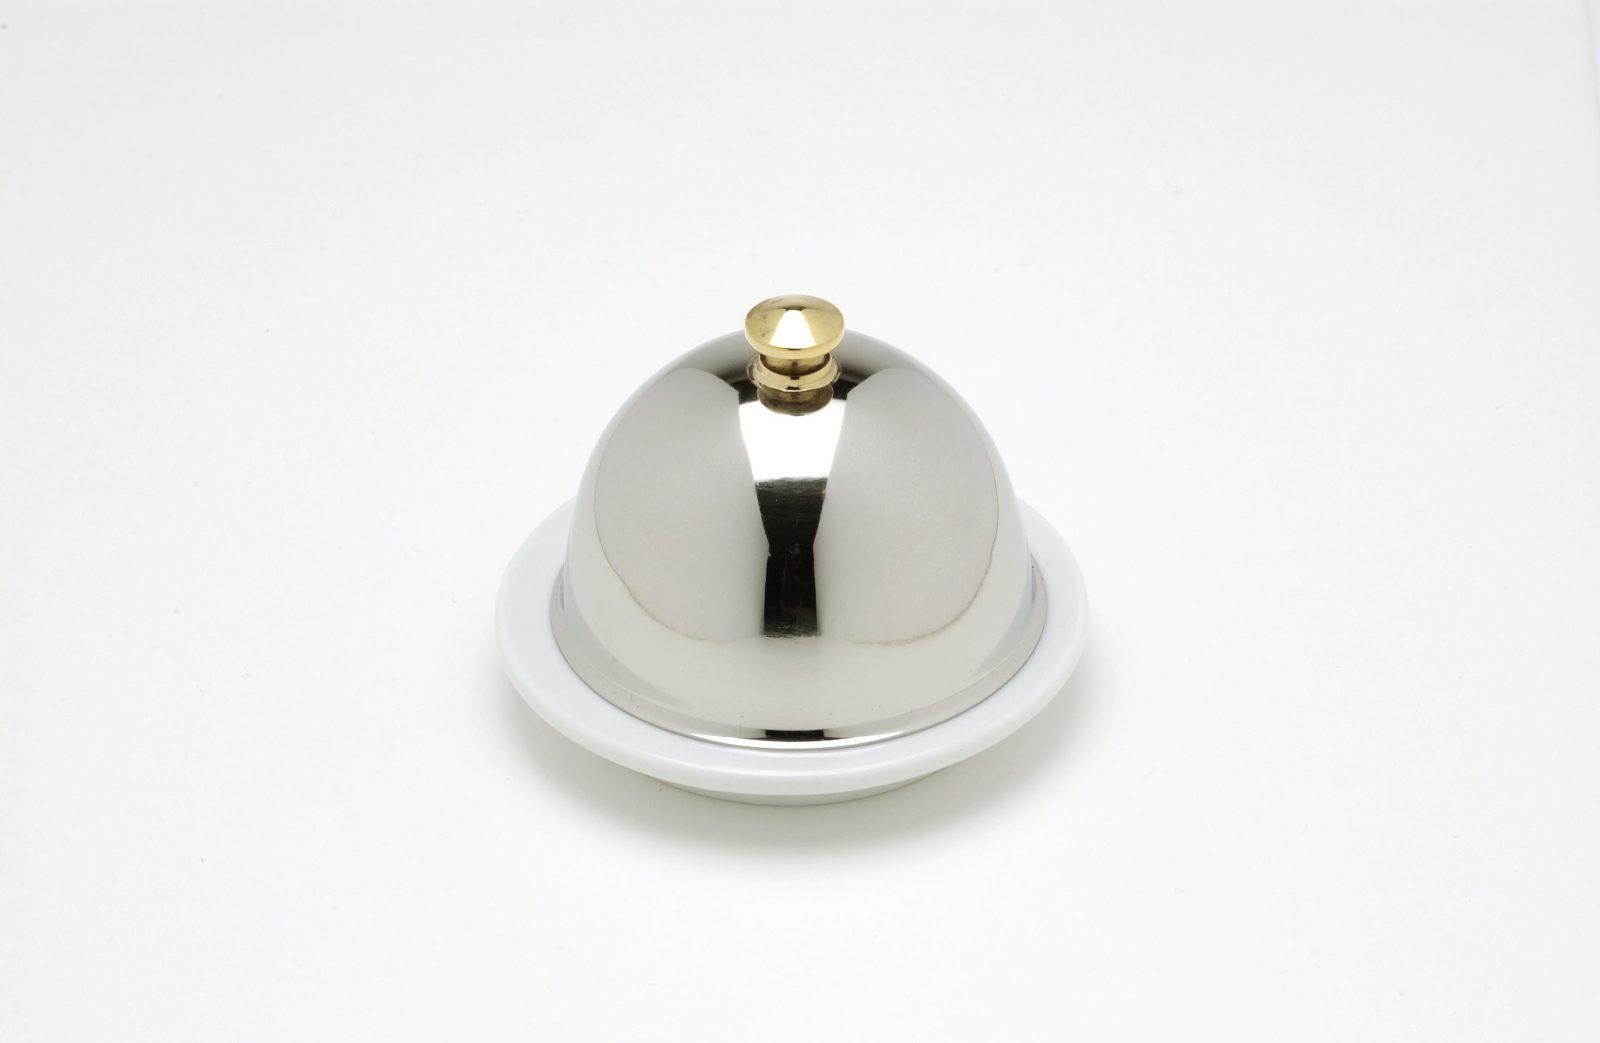 כלי פעמון לחמאה